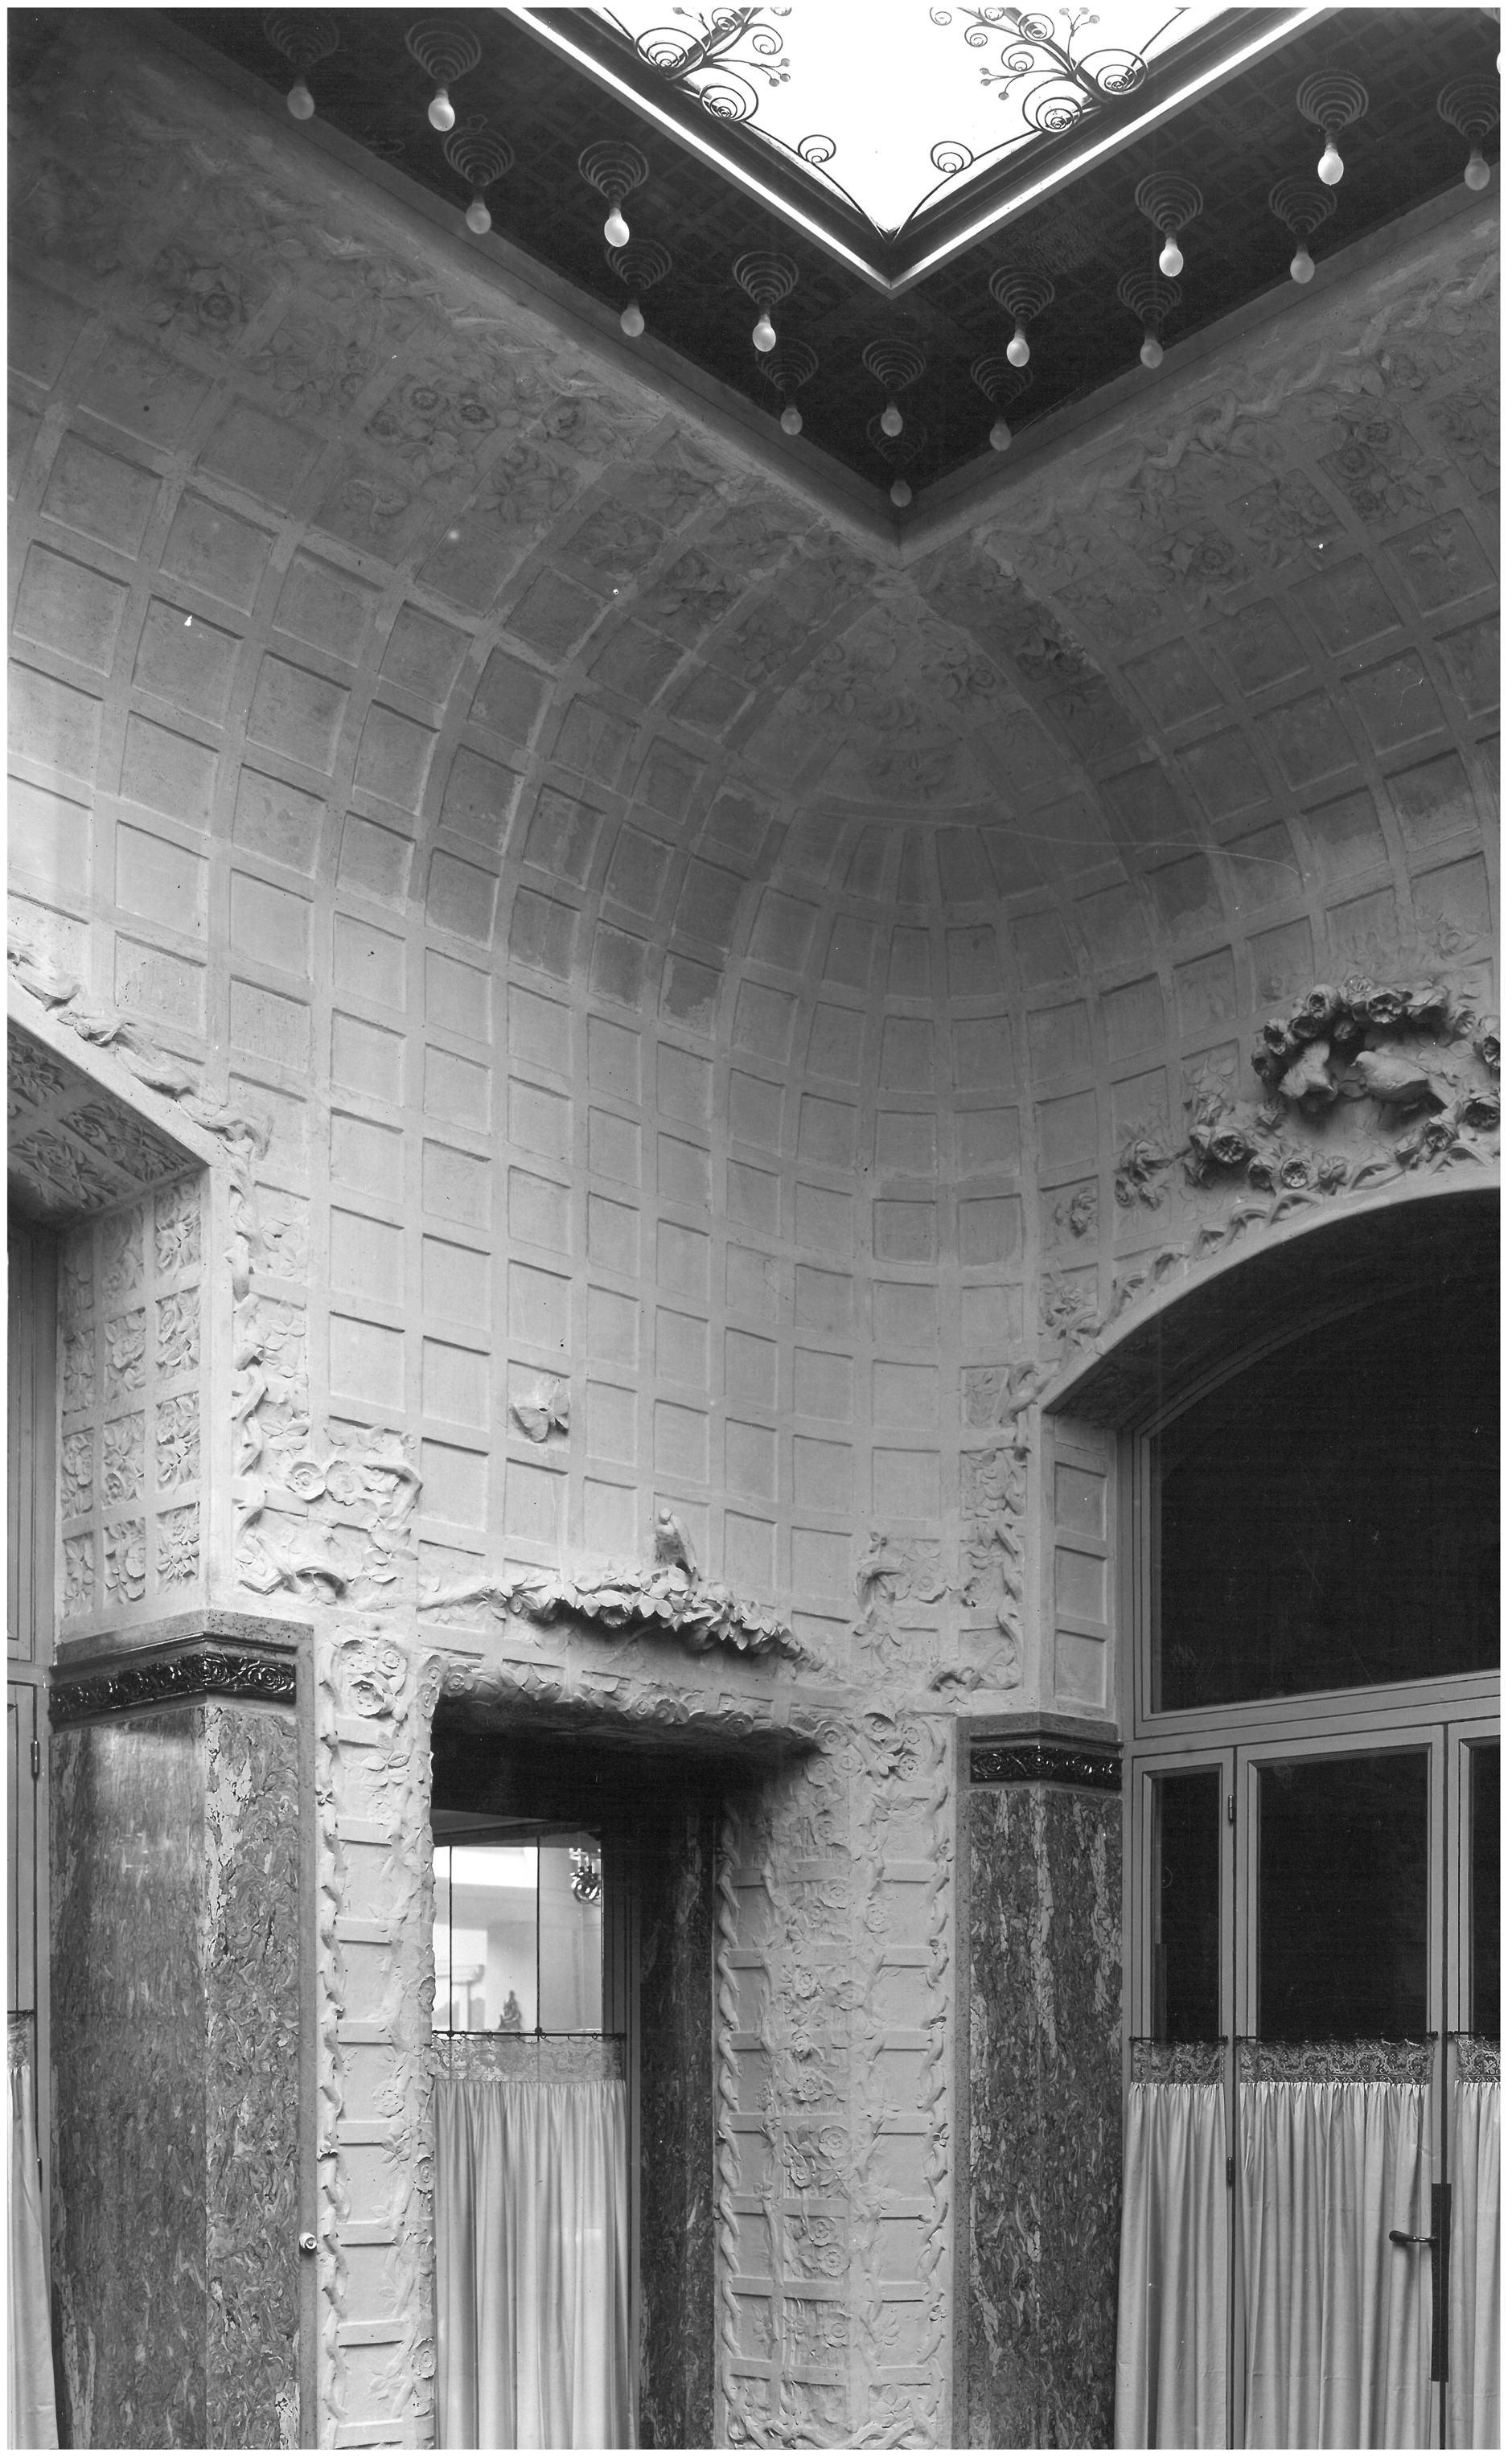 Жан-Мишель Вильмотт: архитектор больших и малых форм (галерея 3, фото 1)